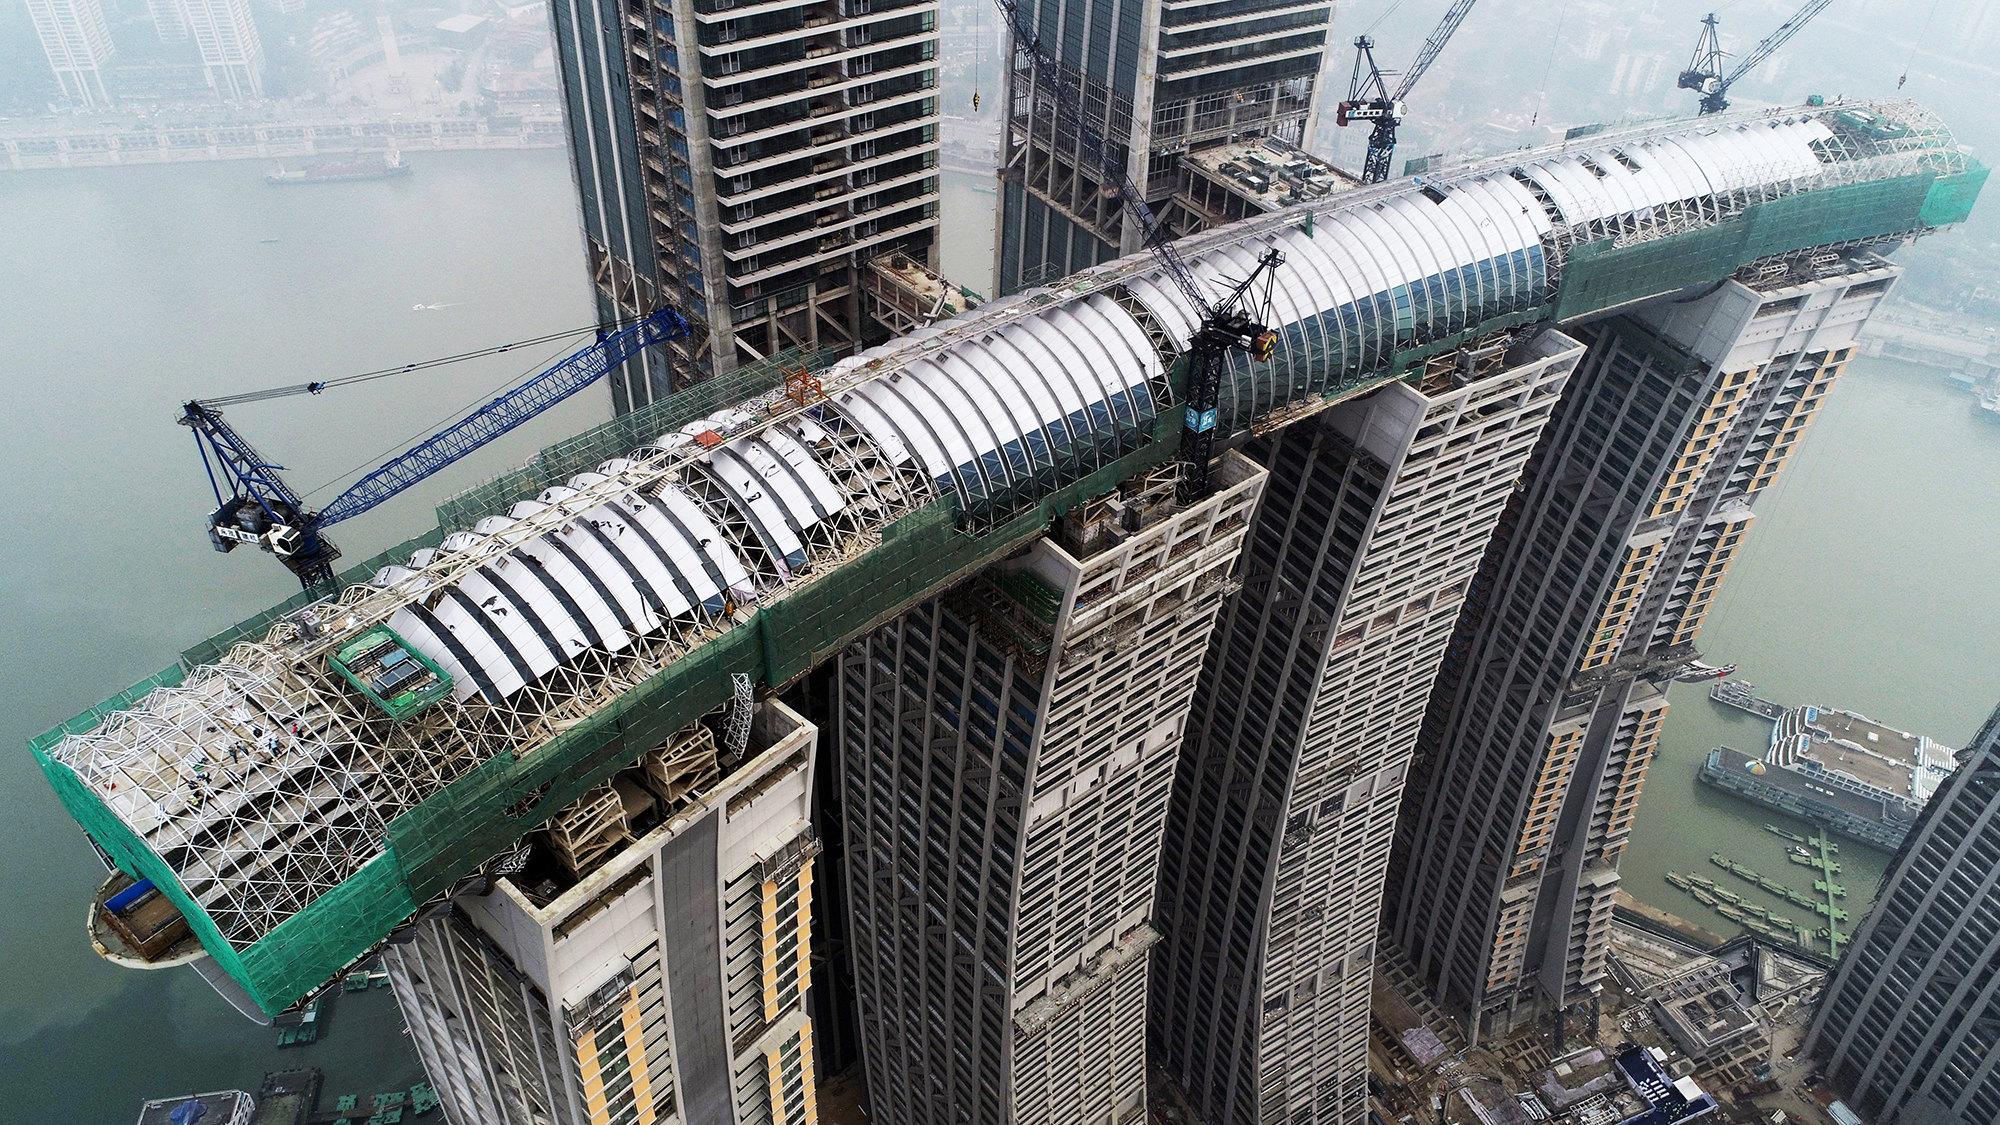 На фото видна конструкция несущей стены «небесного коридора» нанебоскребах бизнес-центра Раффлз-сити вЧунцине, Китай. Проект был успешно завершен вэтом месяце. 16 января 2019